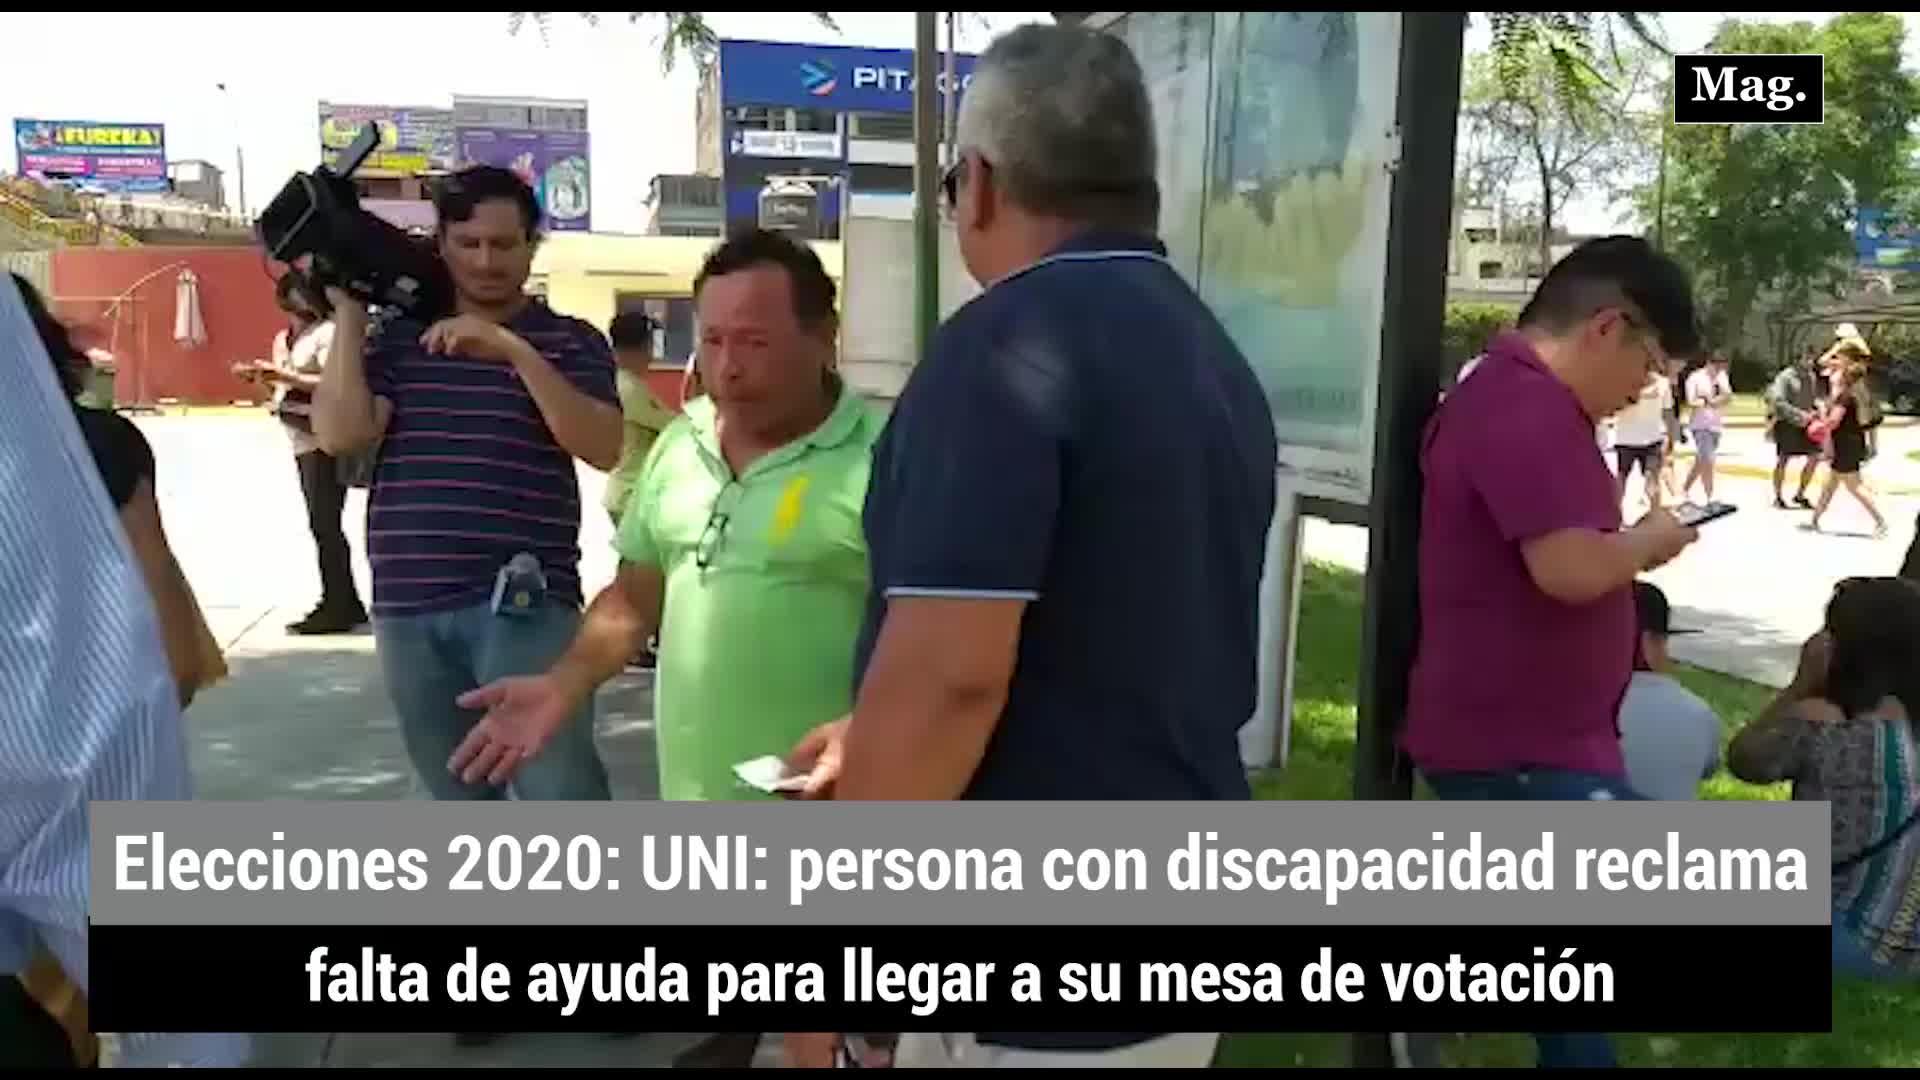 Elecciones 2020: persona con discapacidad reclama falta de ayuda para llegar a su mesa de votación